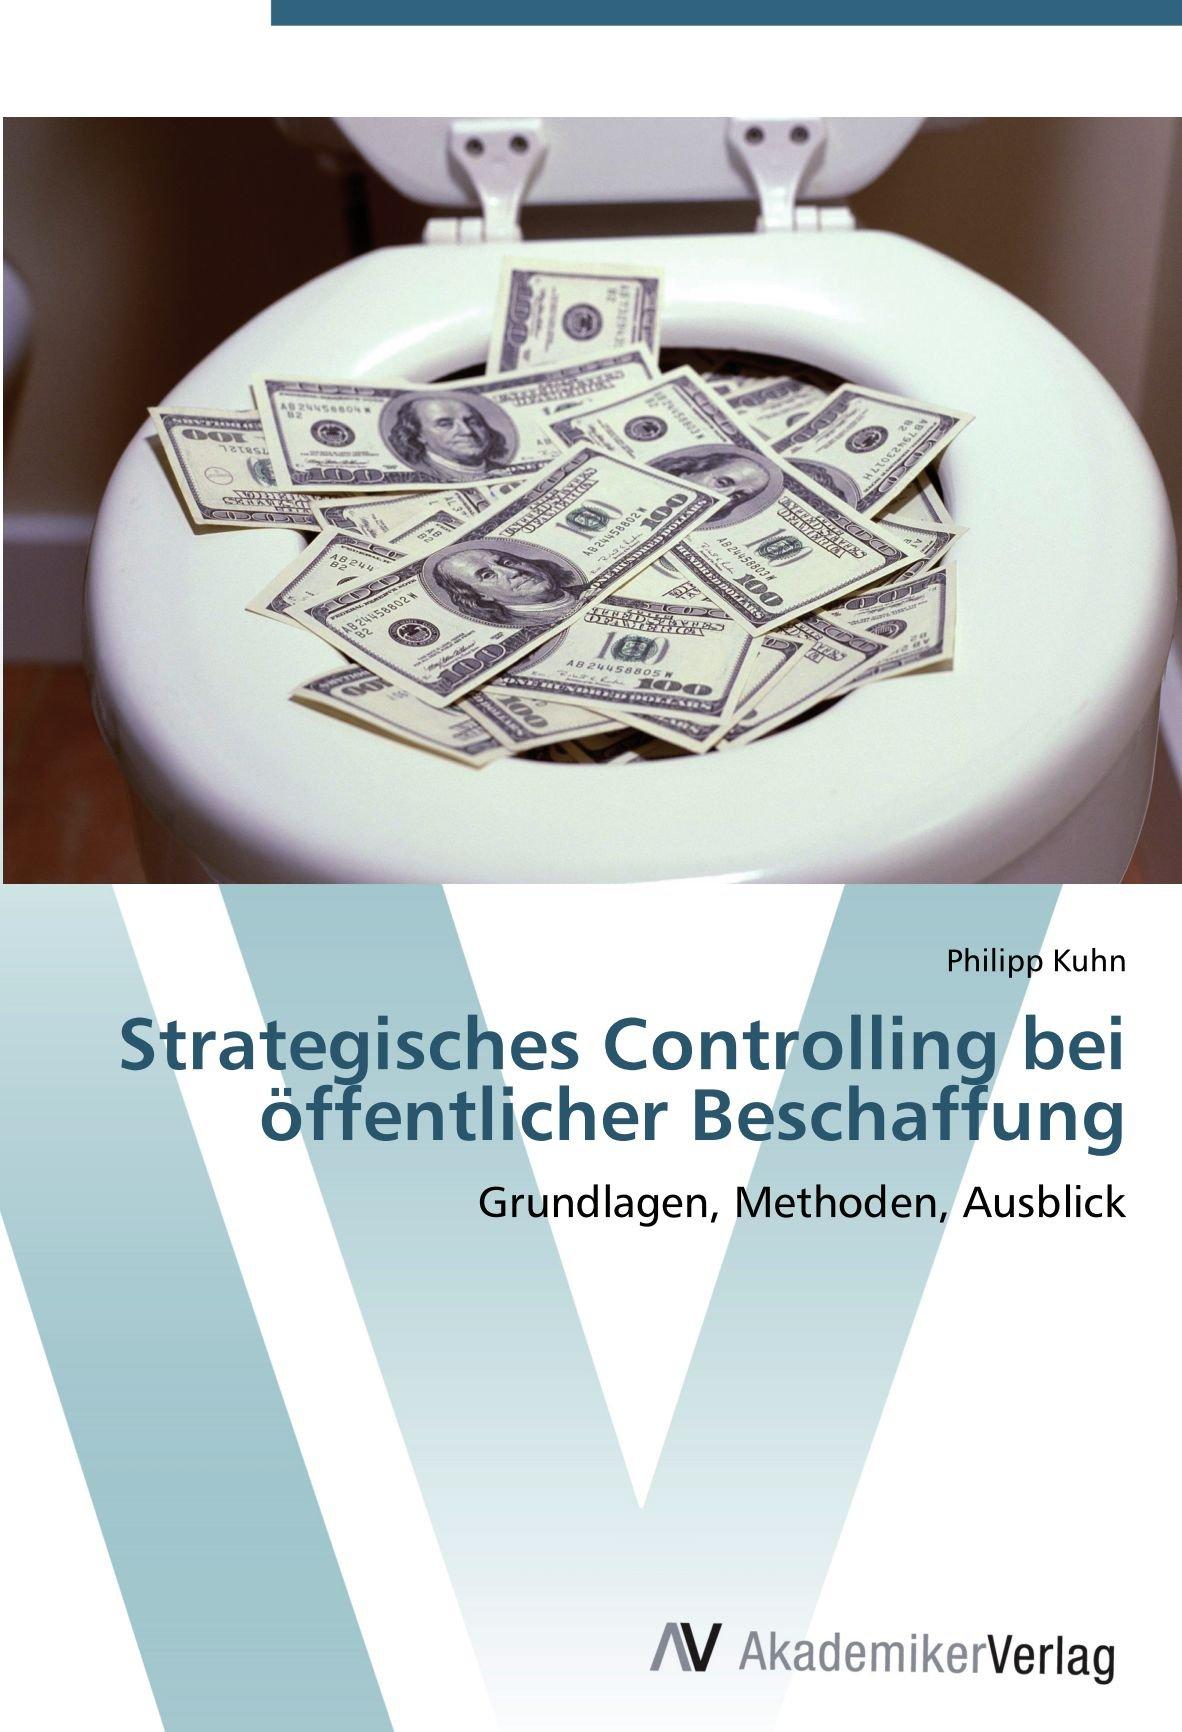 Strategisches Controlling bei öffentlicher Beschaffung: Grundlagen, Methoden, Ausblick (German Edition) pdf